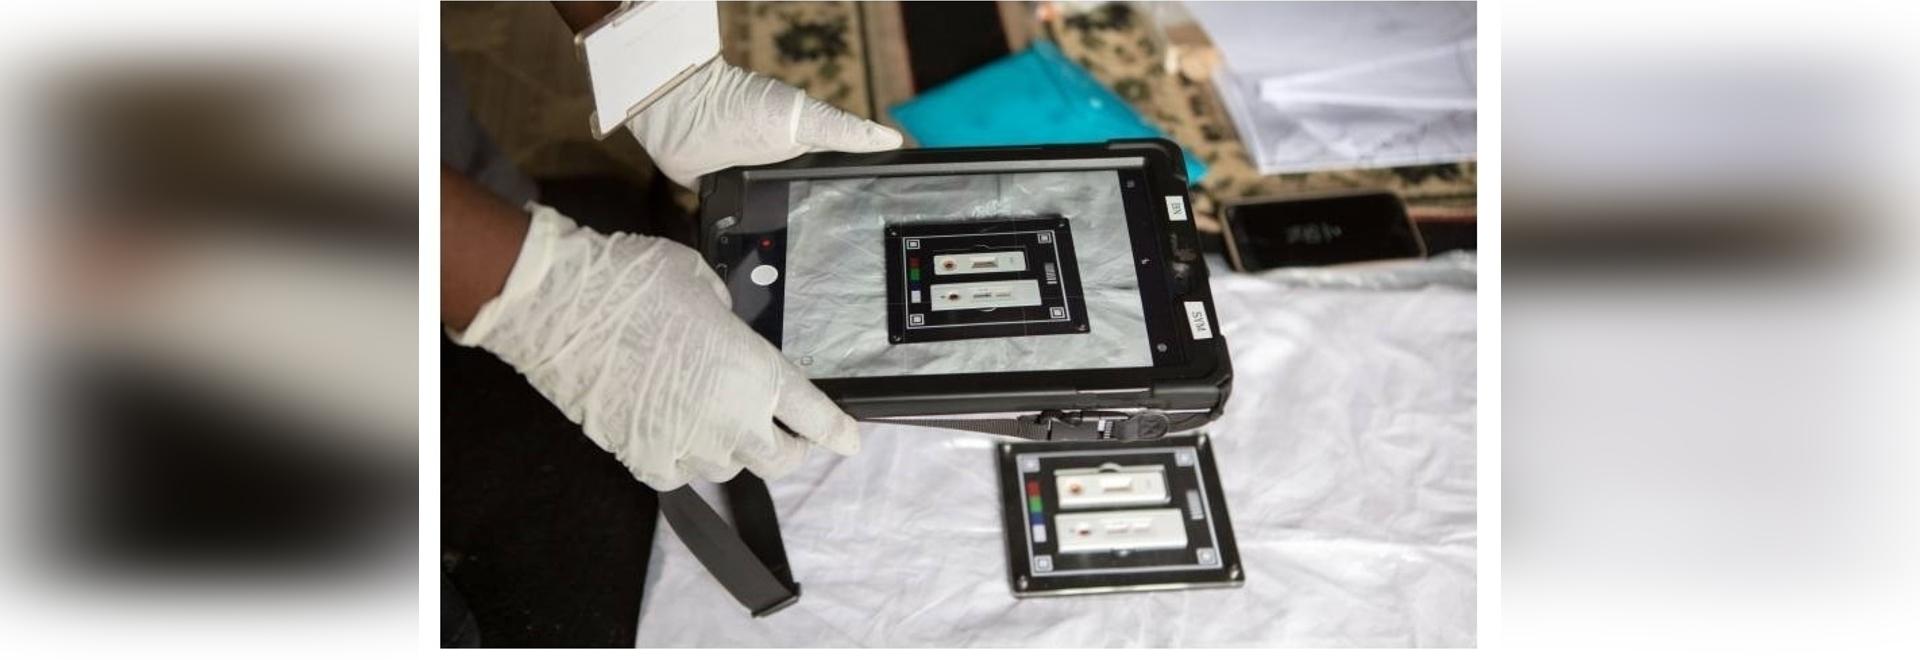 Une application alimentée par l'IA interprète les résultats des tests de dépistage du VIH